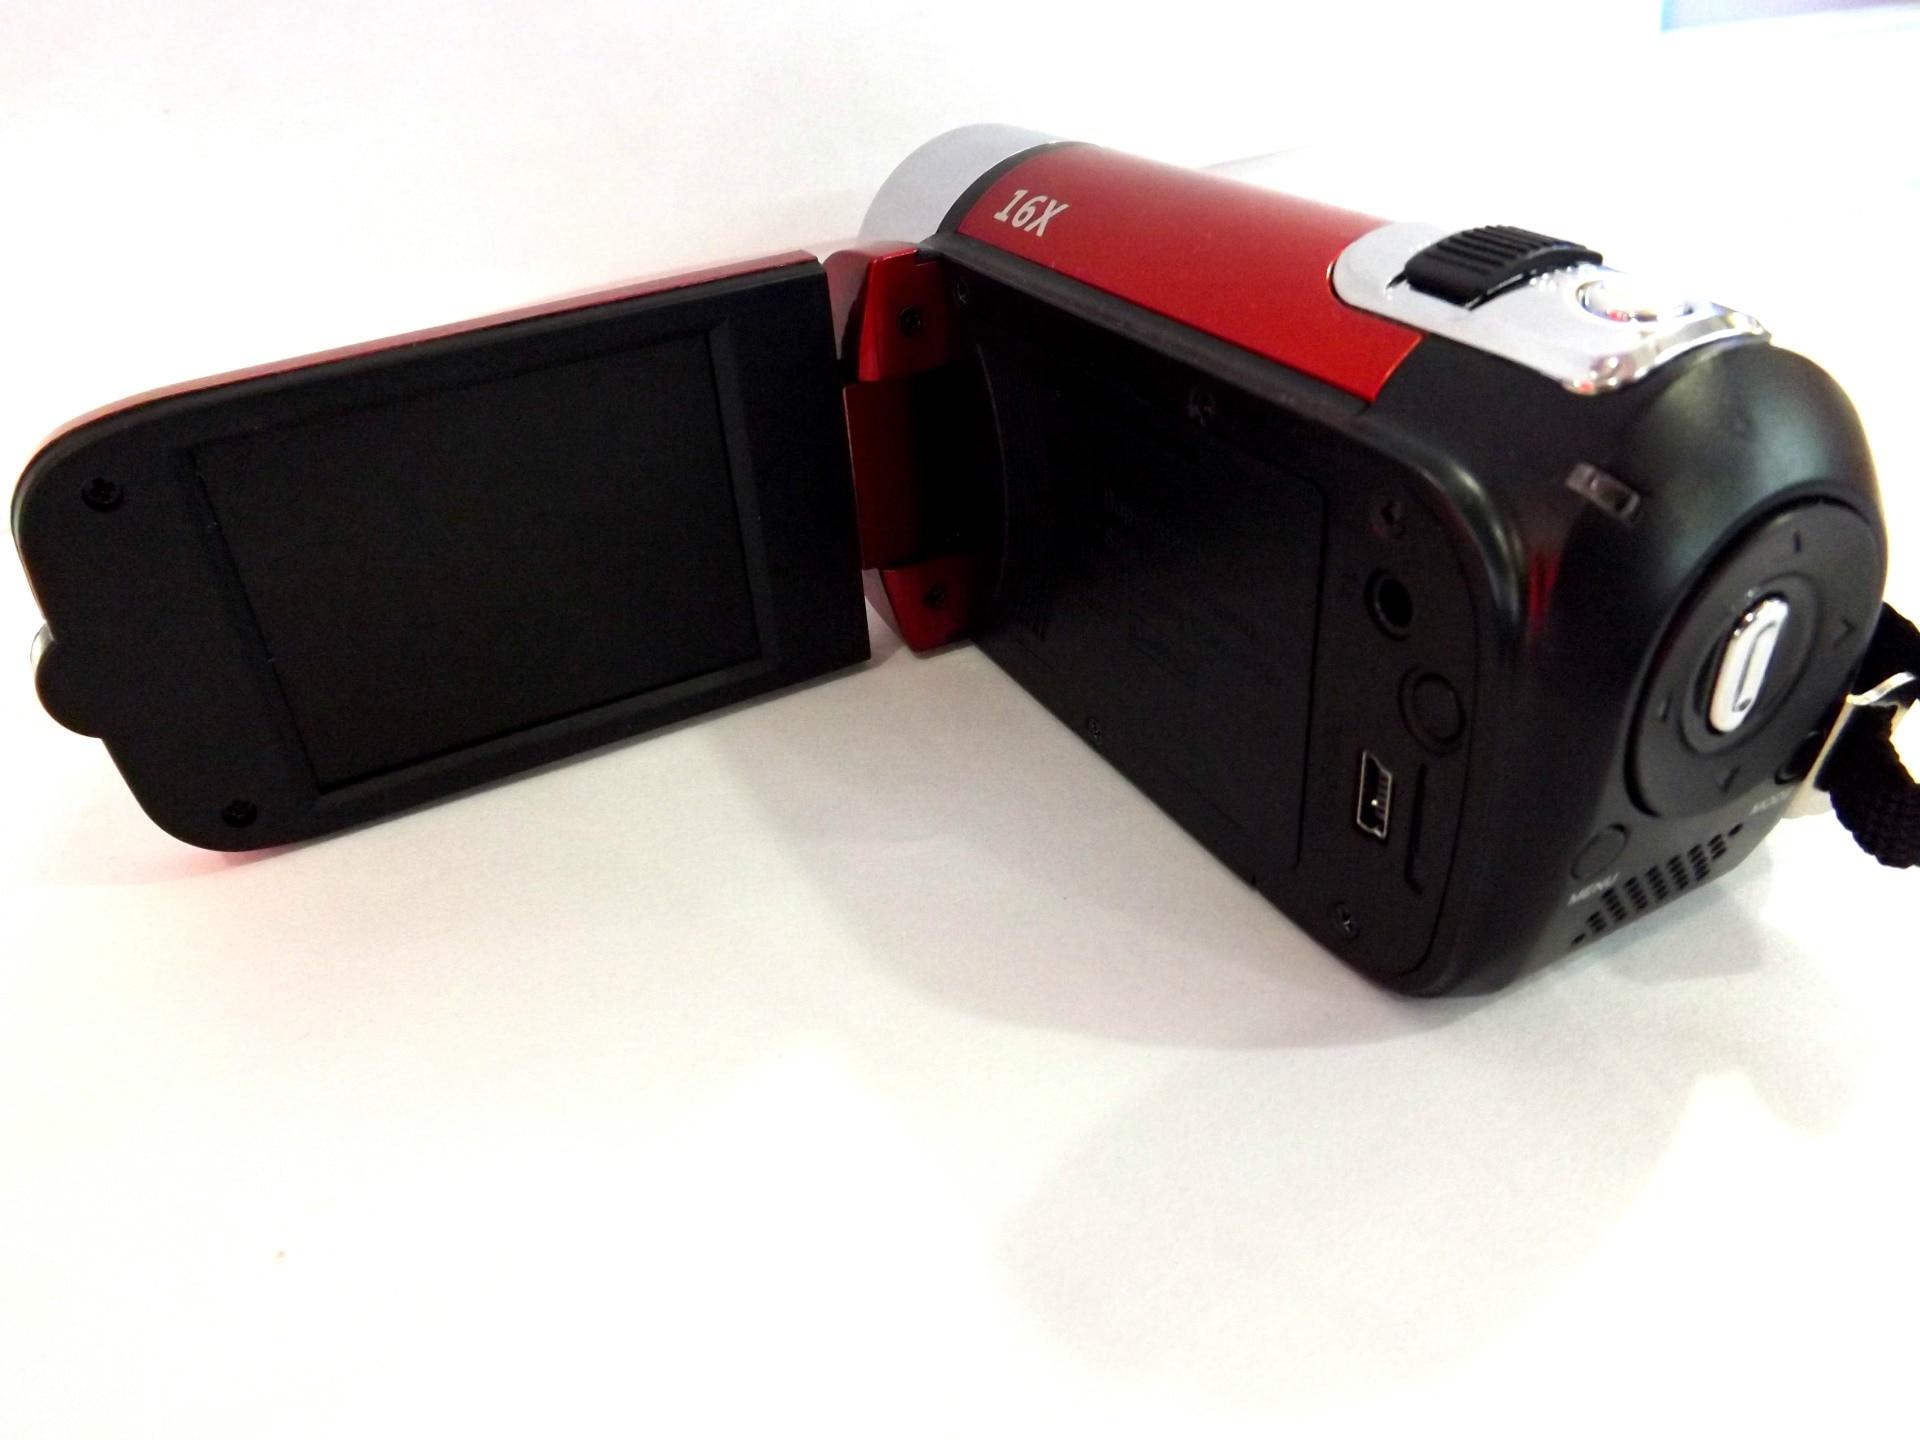 KaRue caméra vidéo numérique HD 1080P 32GB 16x Zoom Mini caméscope DV caméra prise en charge AVI 1080P 720P VGA - 3